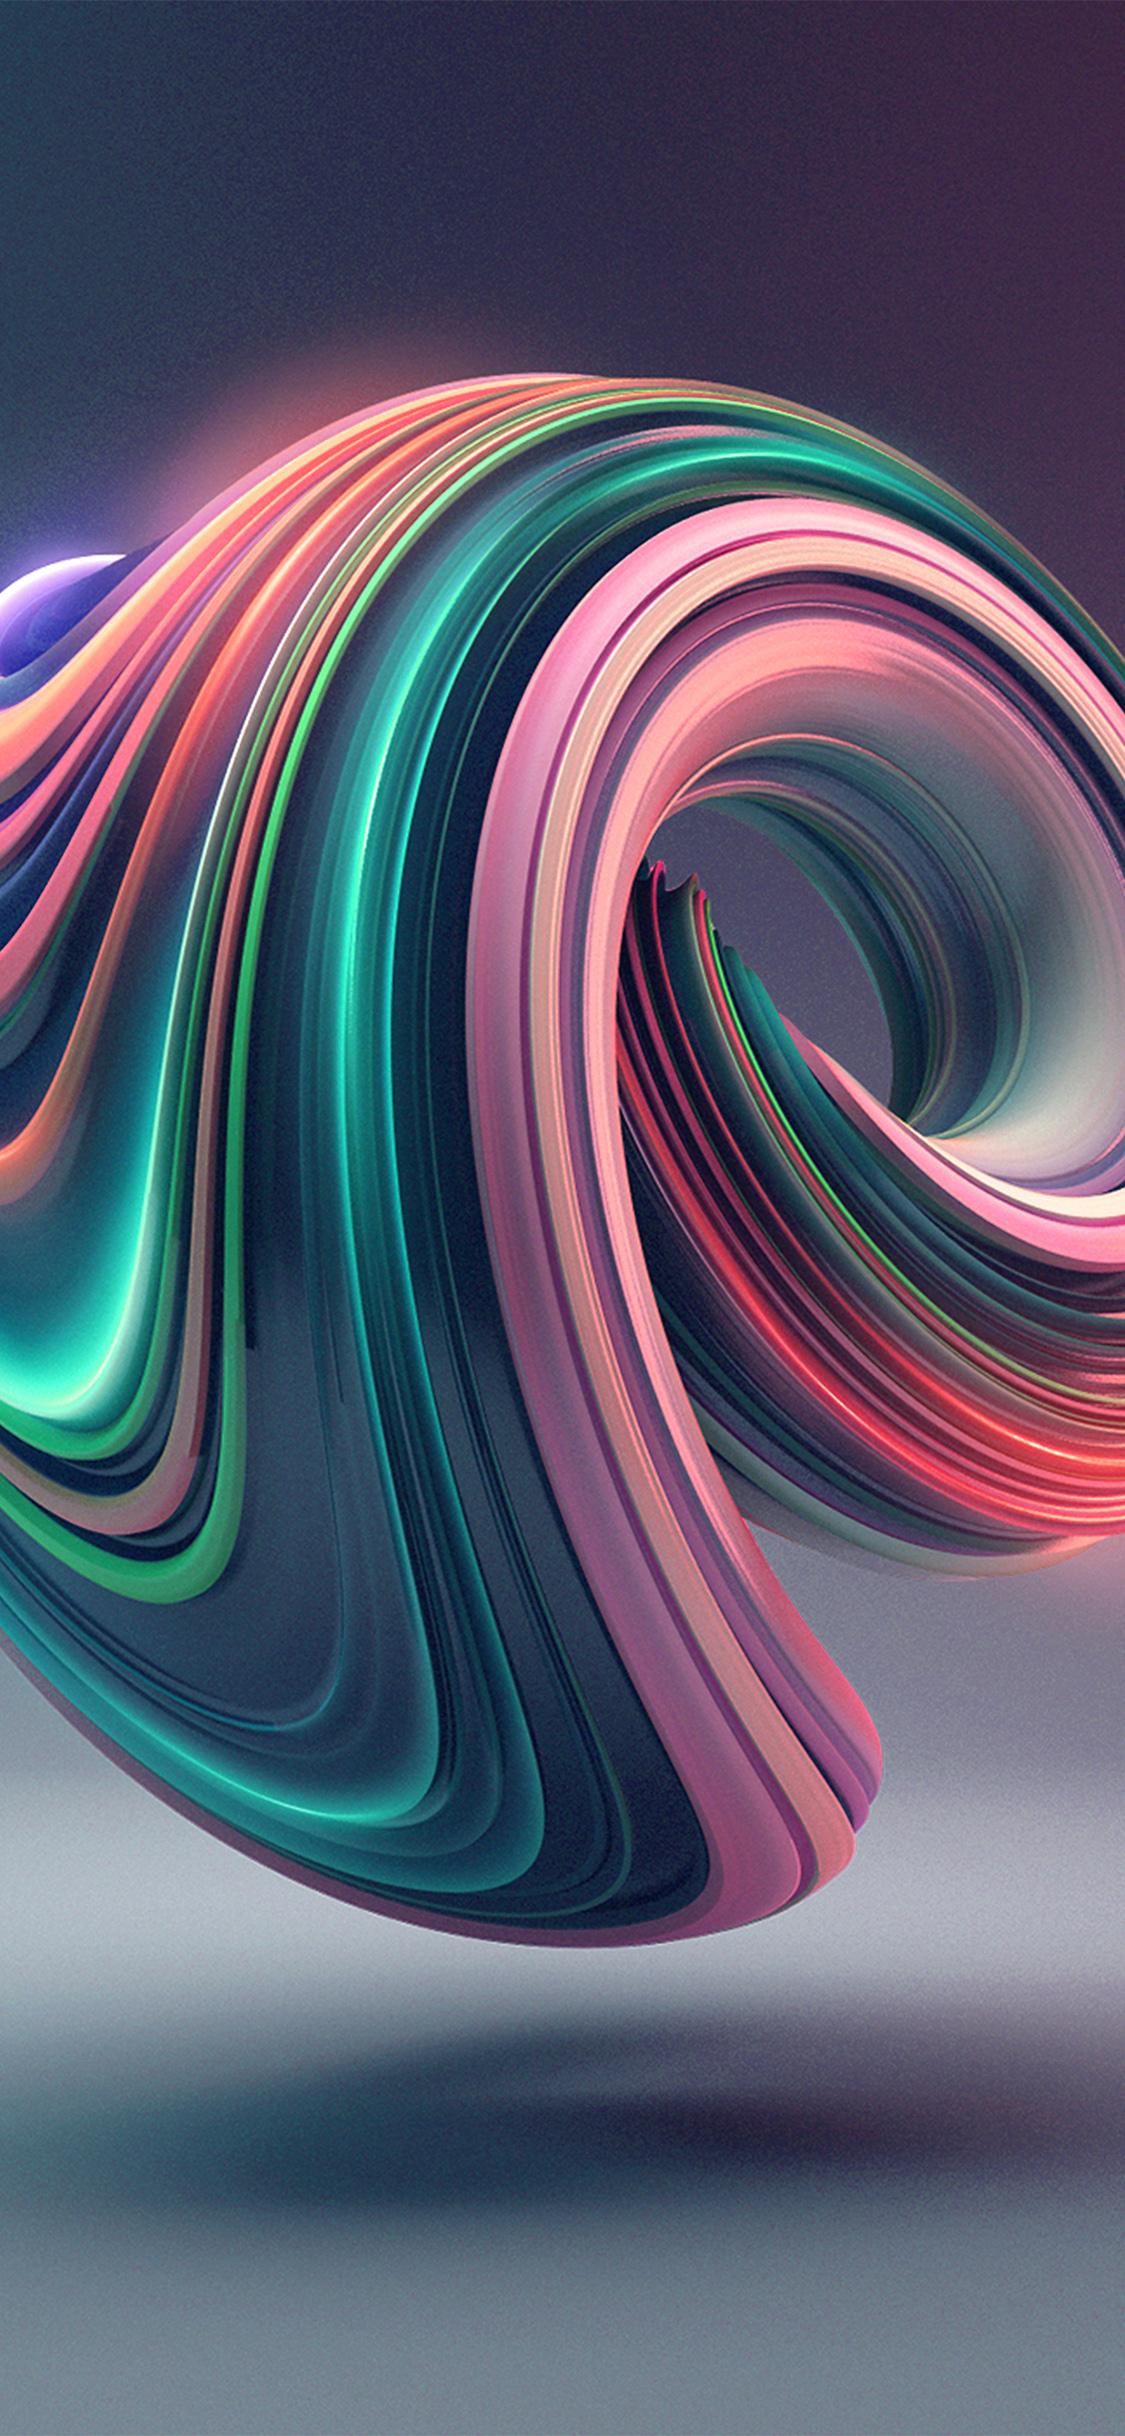 iPhonexpapers.com-Apple-iPhone-wallpaper-bb02-digital-art-color-circle-illustration-art-3d-green